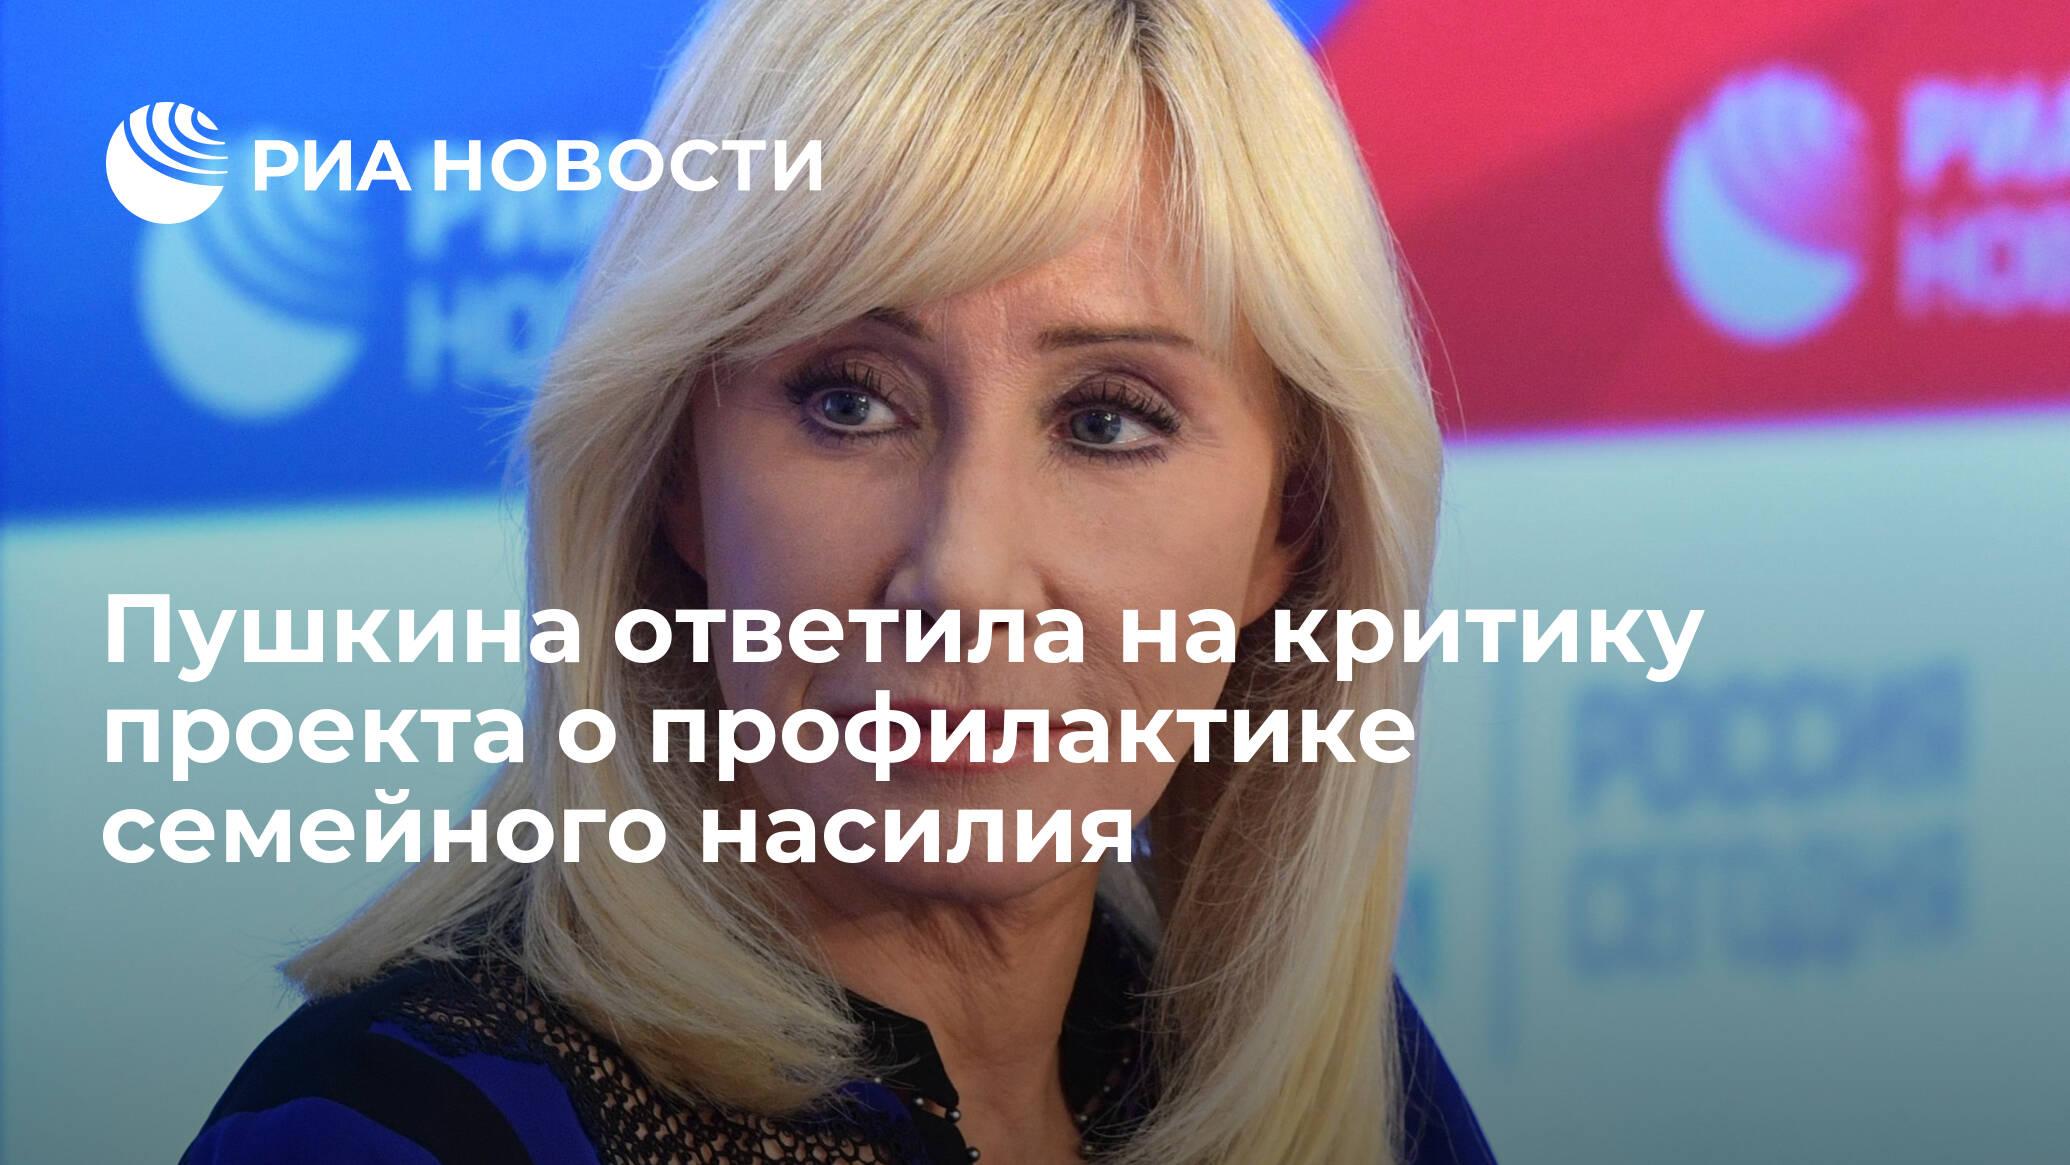 Пушкина ответила на критику проекта о профилактике семейного насилия